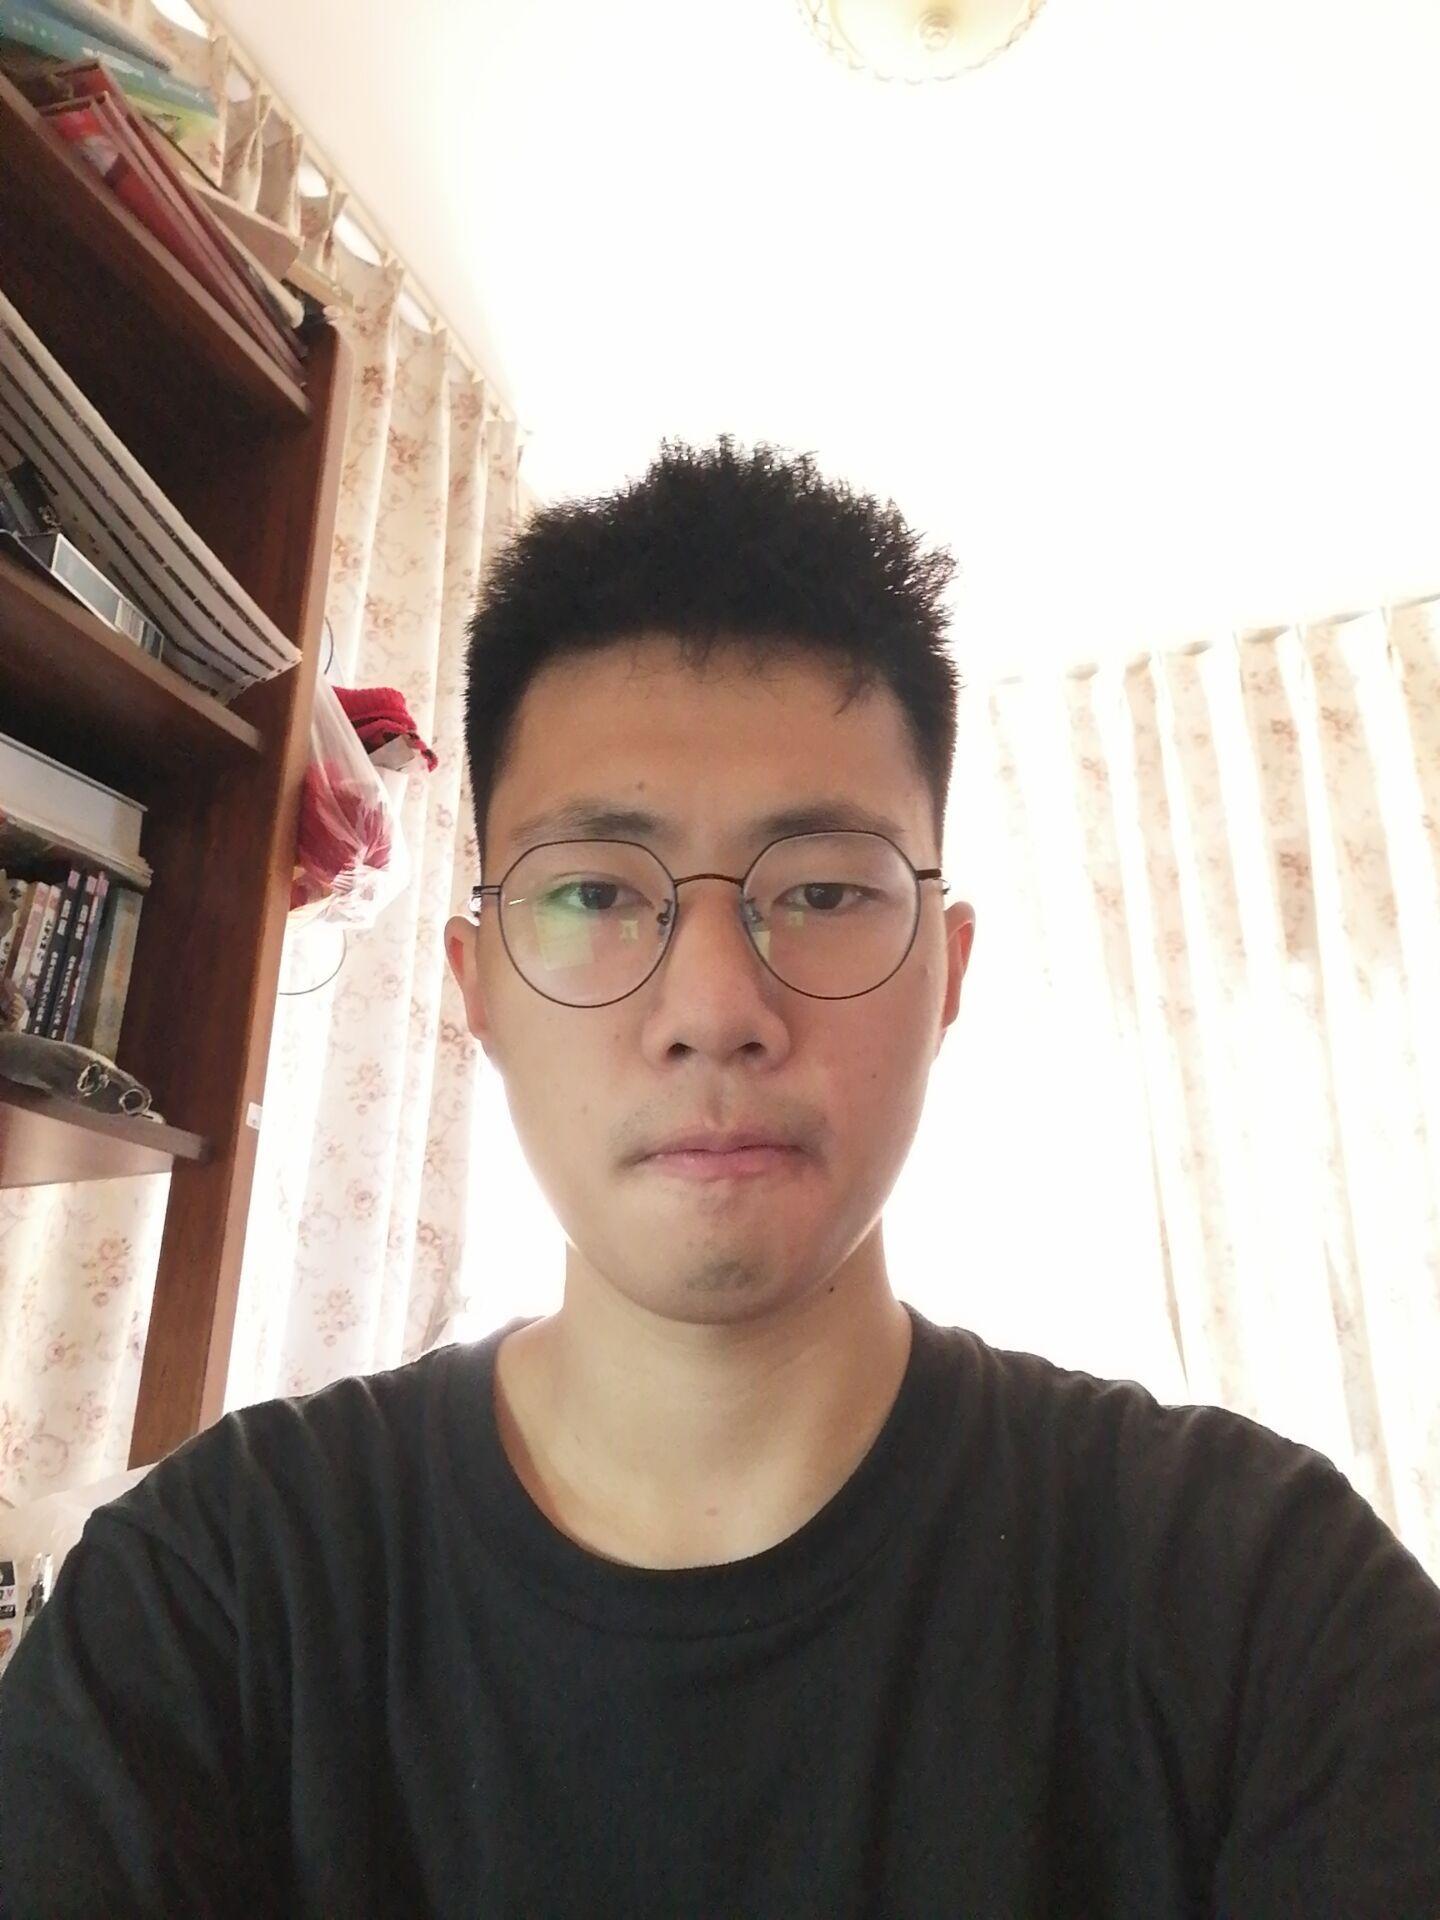 重庆家教蔡教员